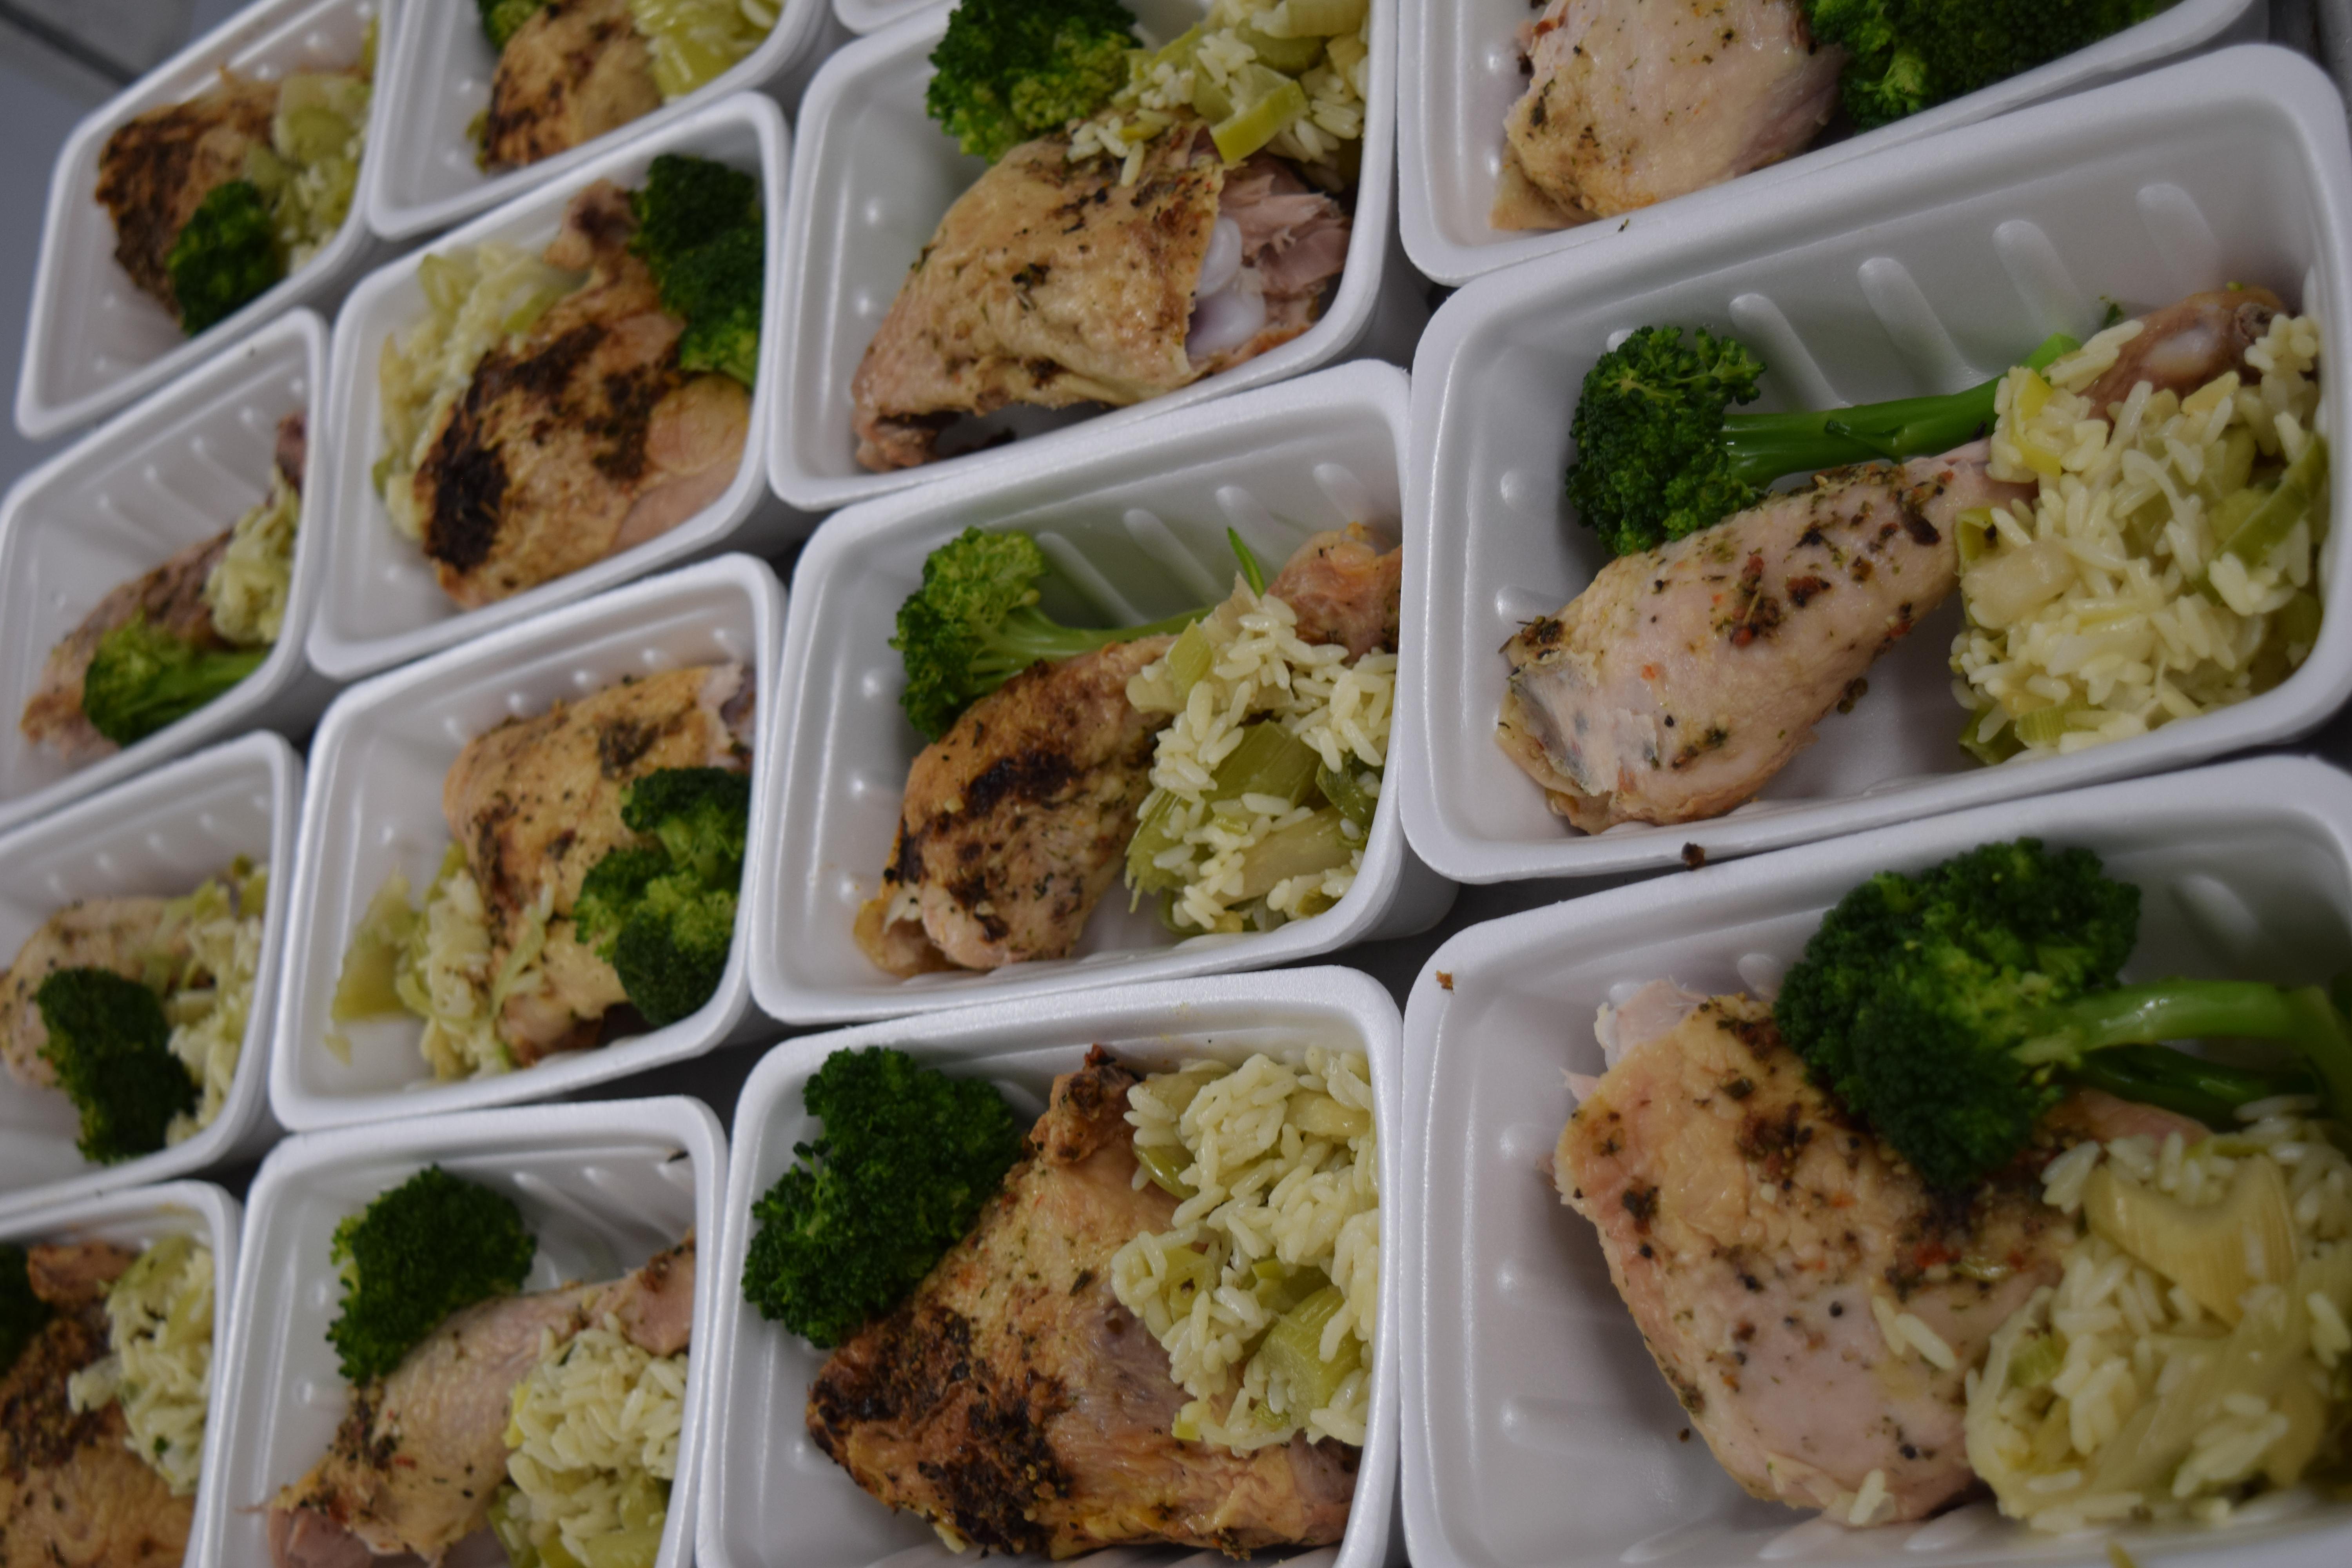 Boîtes à lunch livrées